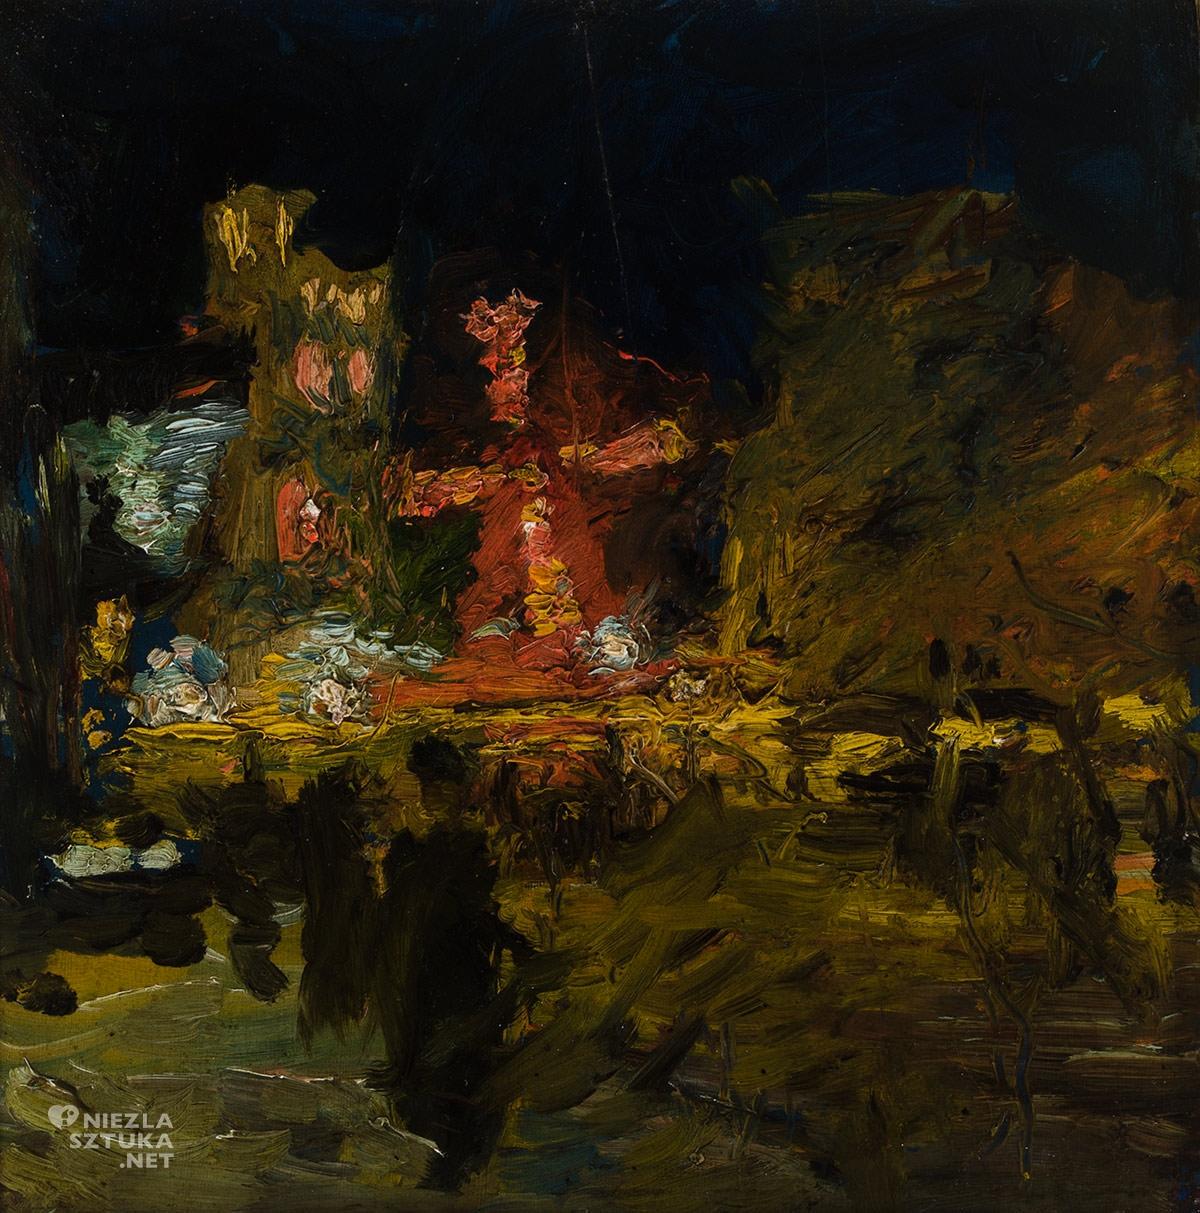 Ludwik de Laveaux, Moulin Rouge w Paryżu nocą, Niezła sztuka